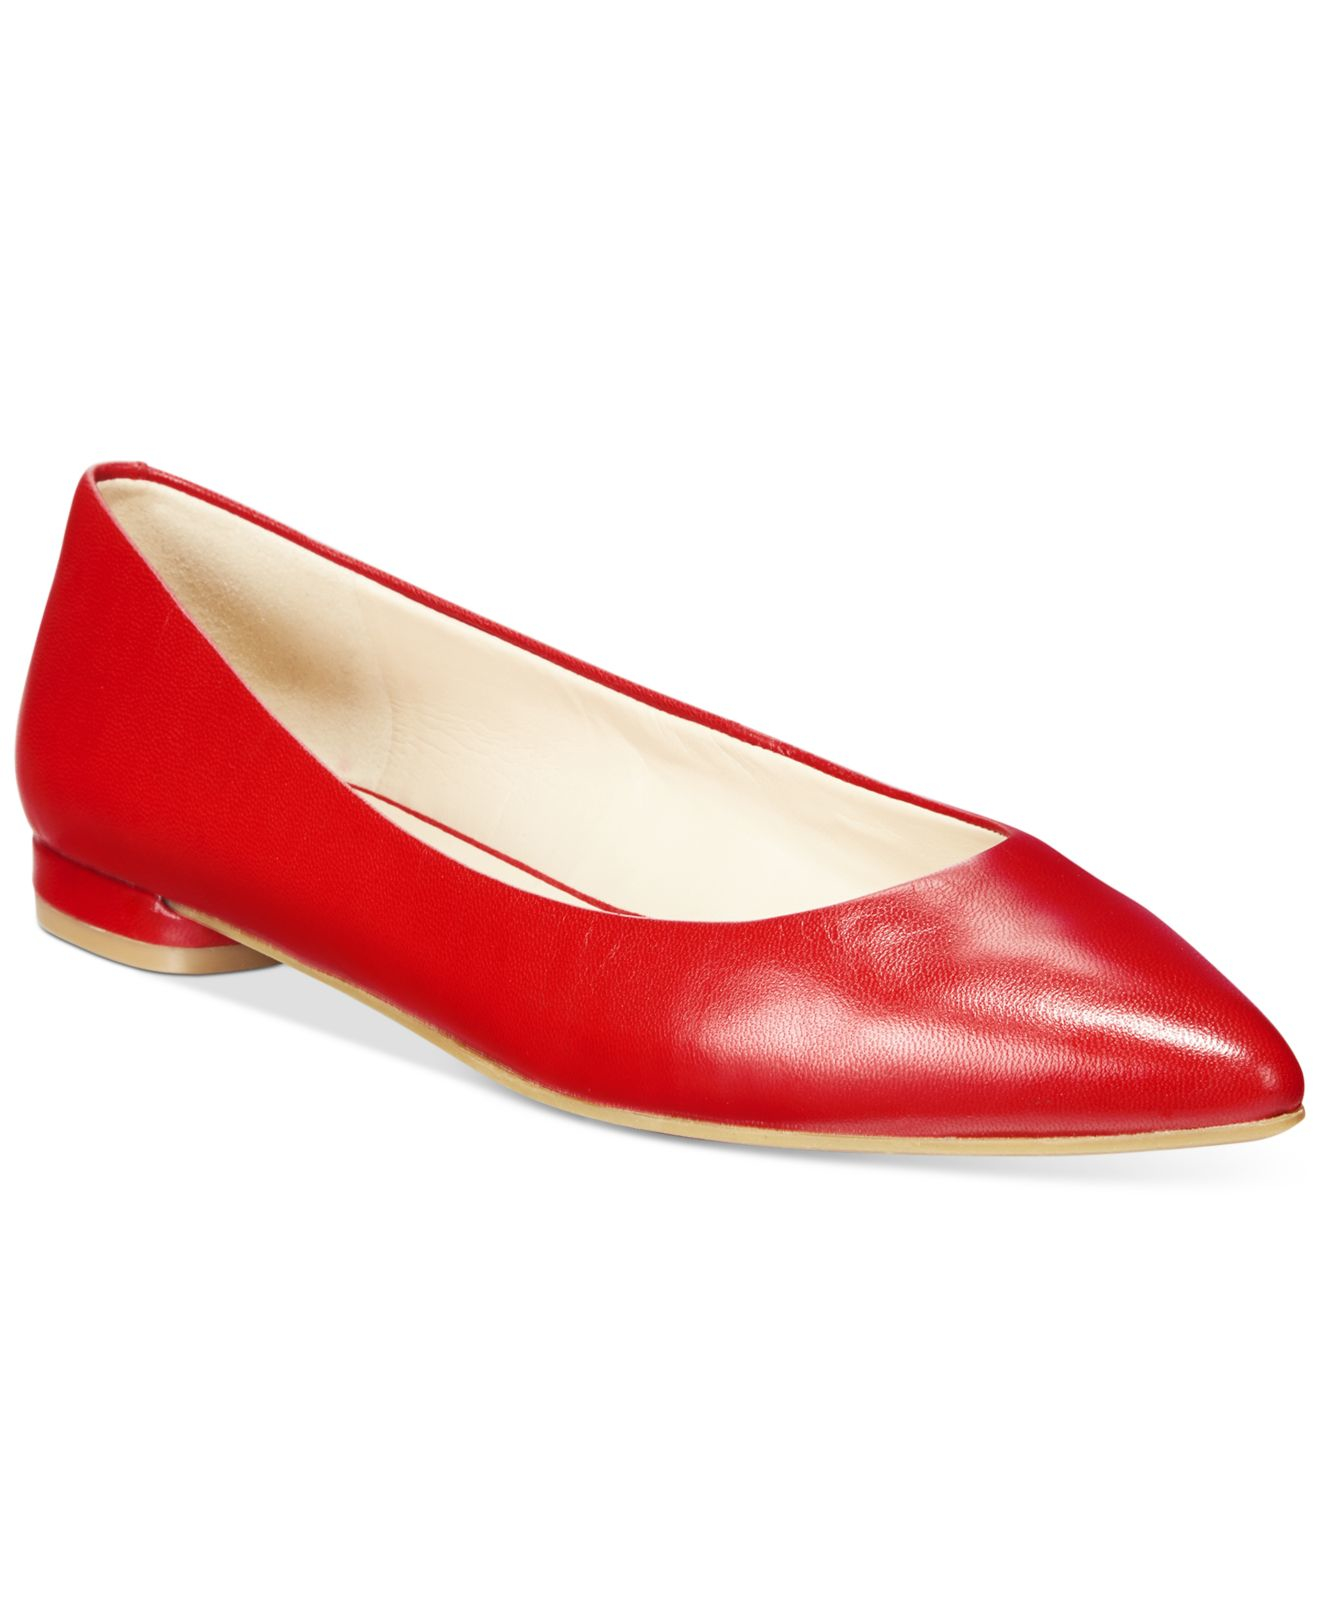 West Nine Shoes Sale